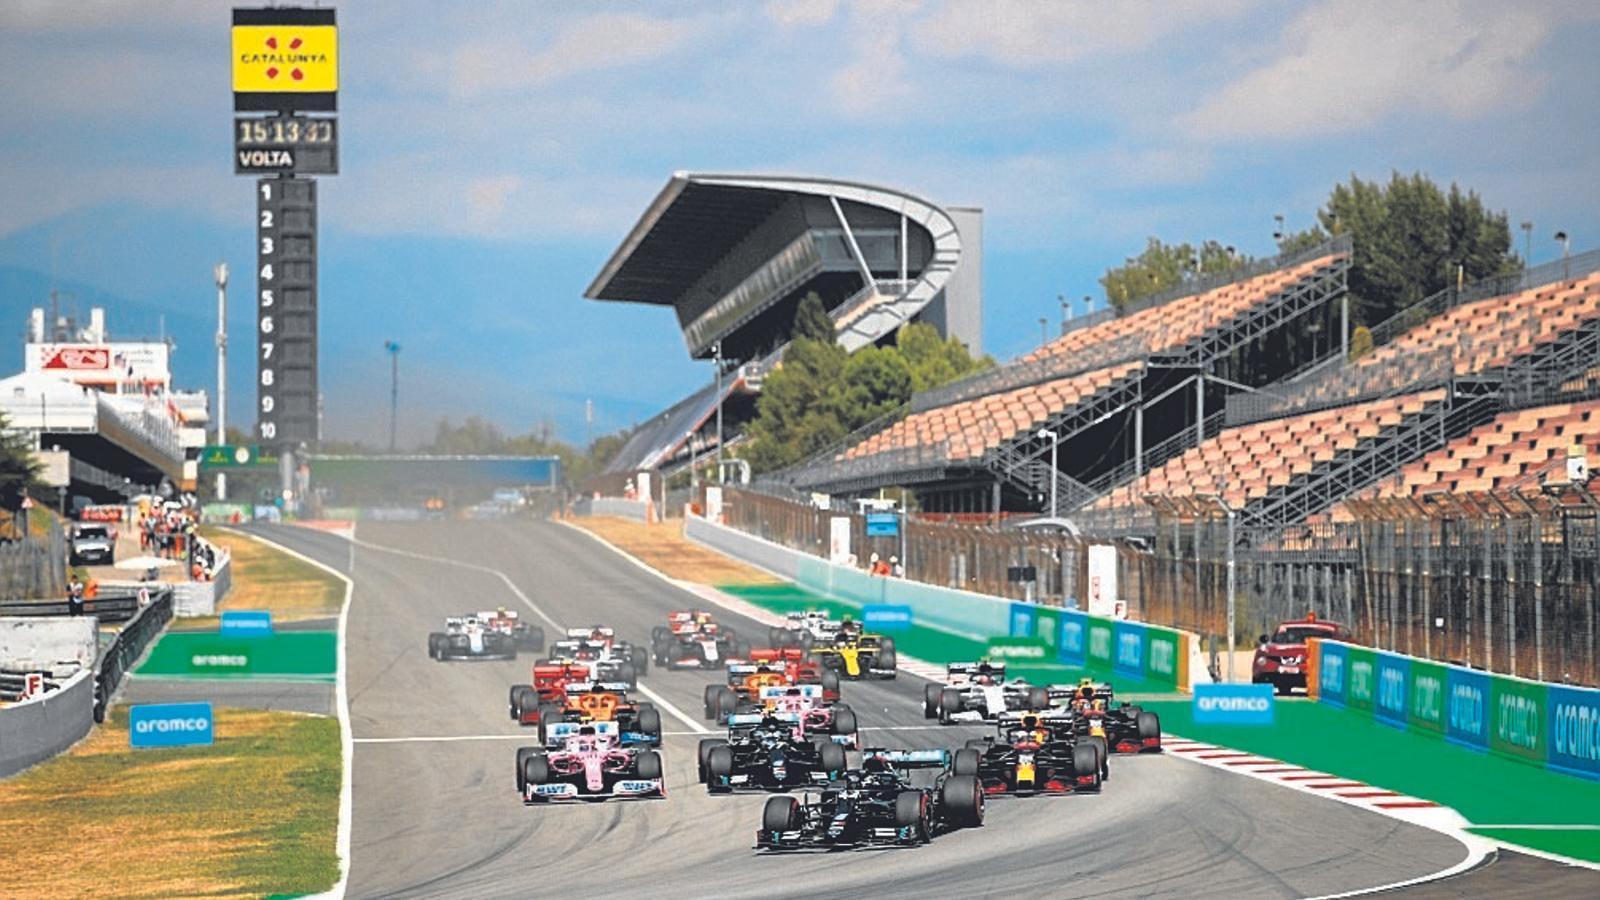 El Gran Premi de F-1 d'aquest any s'ha celebrat sense públic per culpa de la covid-19.